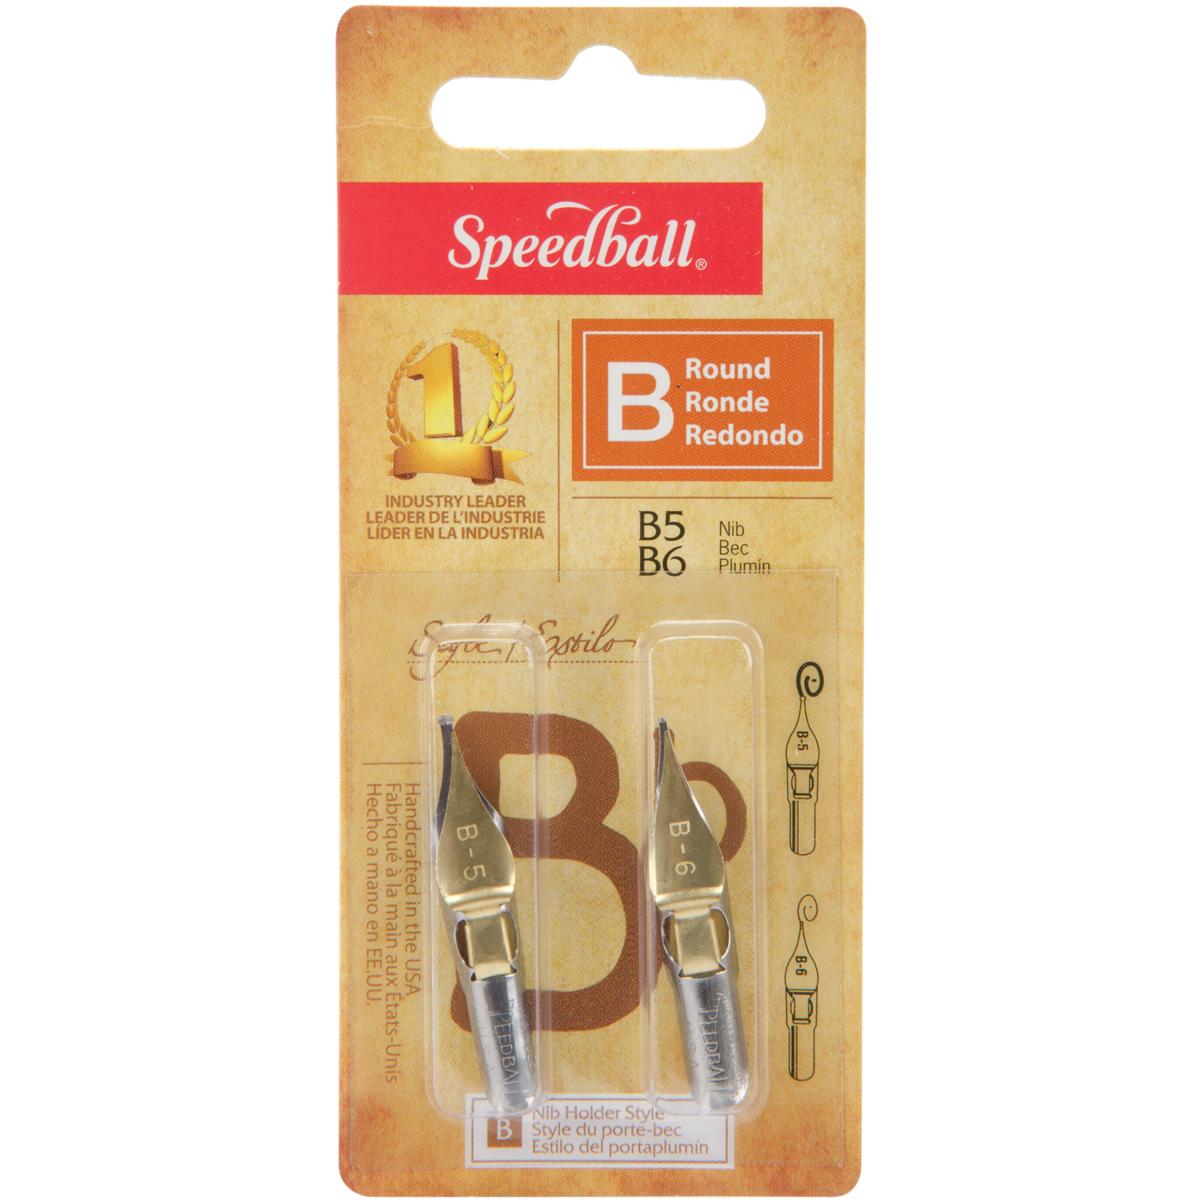 Speedball Calligraphy Pen Nibs 2/Pkg-B5 & B6 - image 1 de 1